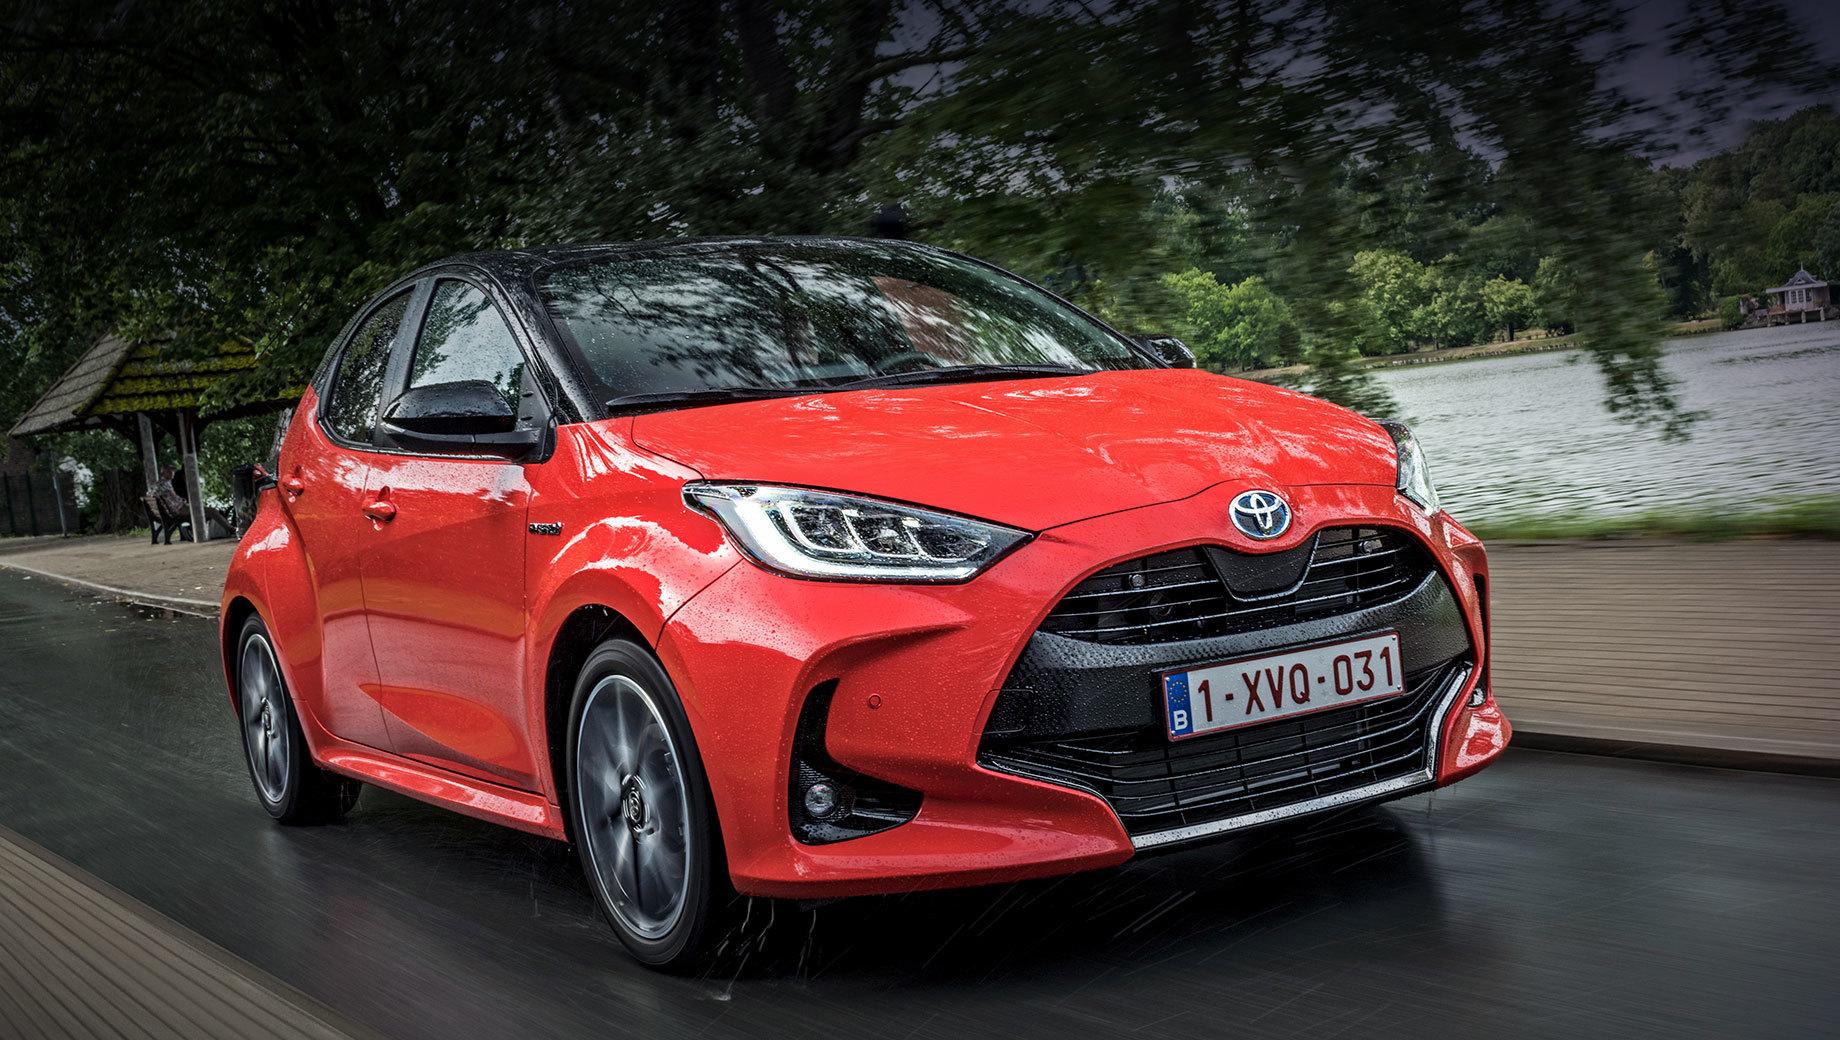 Toyota yaris,Mazda 2. Европейский Yaris Hybrid совмещает атмосферную «тройку» 1.5 (92 л.с., 120 Н•м) с электромотором на 59 кВт (80 л.с., 141 Н•м) и вариатором E-CVT, отчего выдаёт 116 л.с., разменивает сотню за 9,7 с, достигает 175 км/ч, расходует 2,8–3,2 л/100 км. Цены в Германии — от 25 139 евро (2,29 млн рублей).